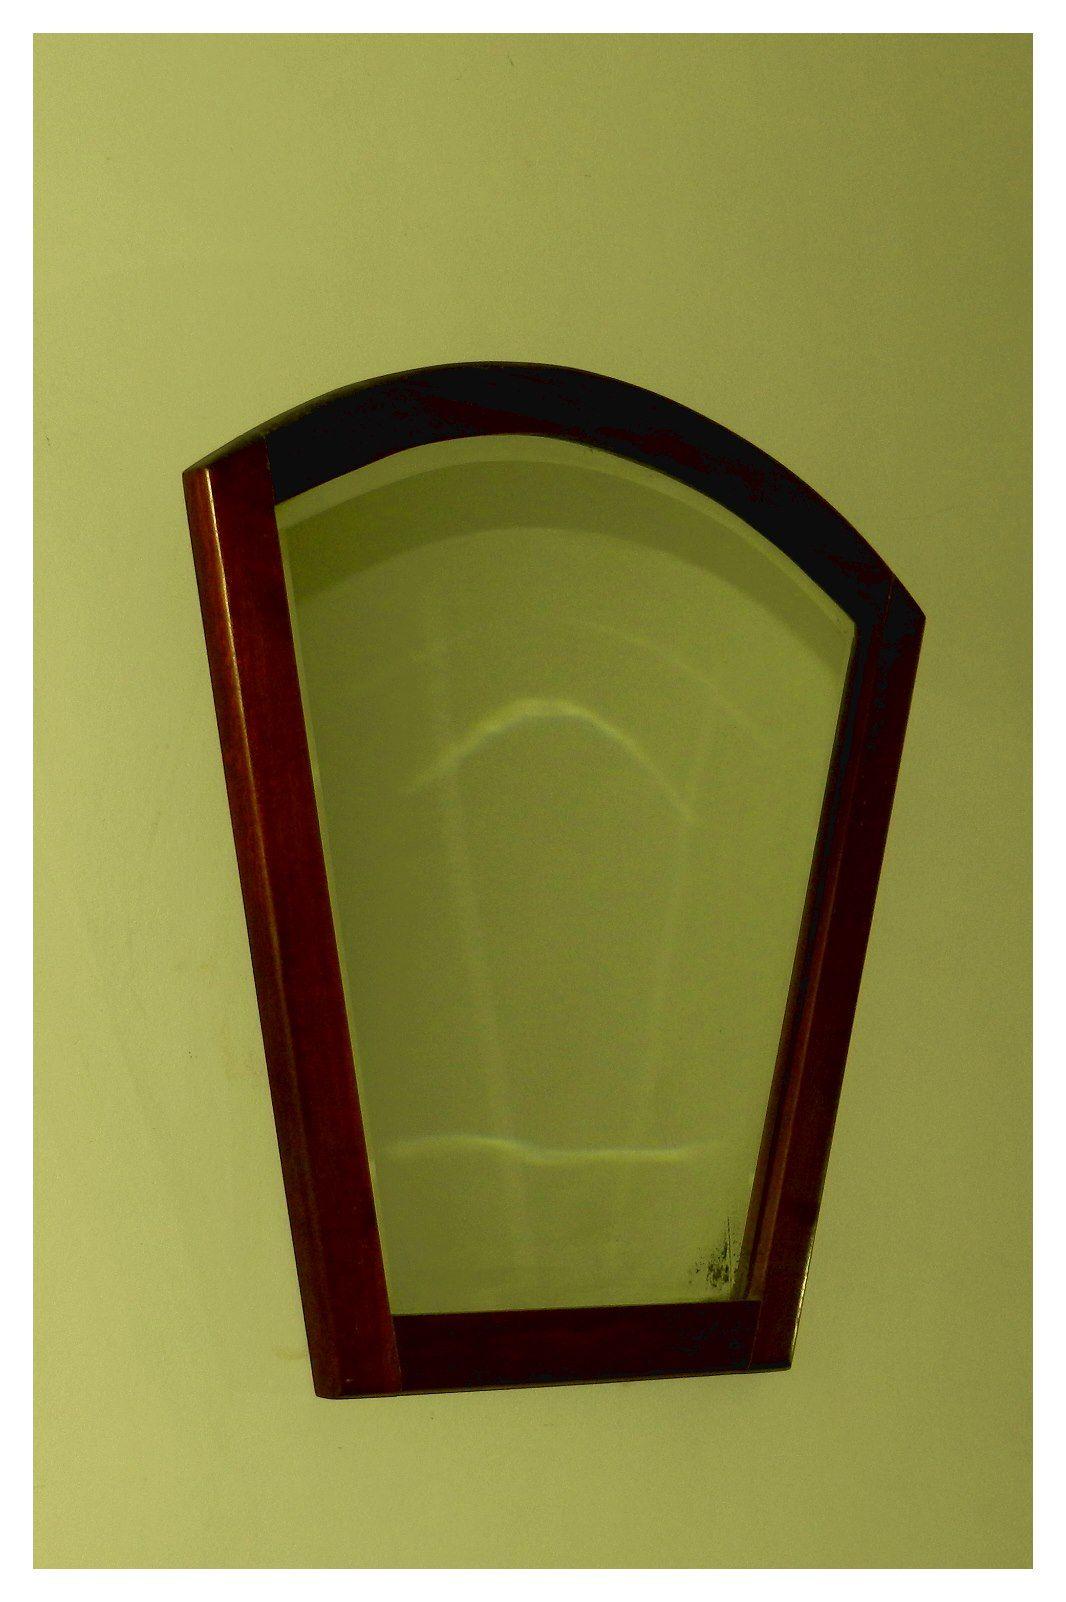 espejo biselado enmarcado en madera | TABLEROS,ESPEJOS,MUEBLES ...